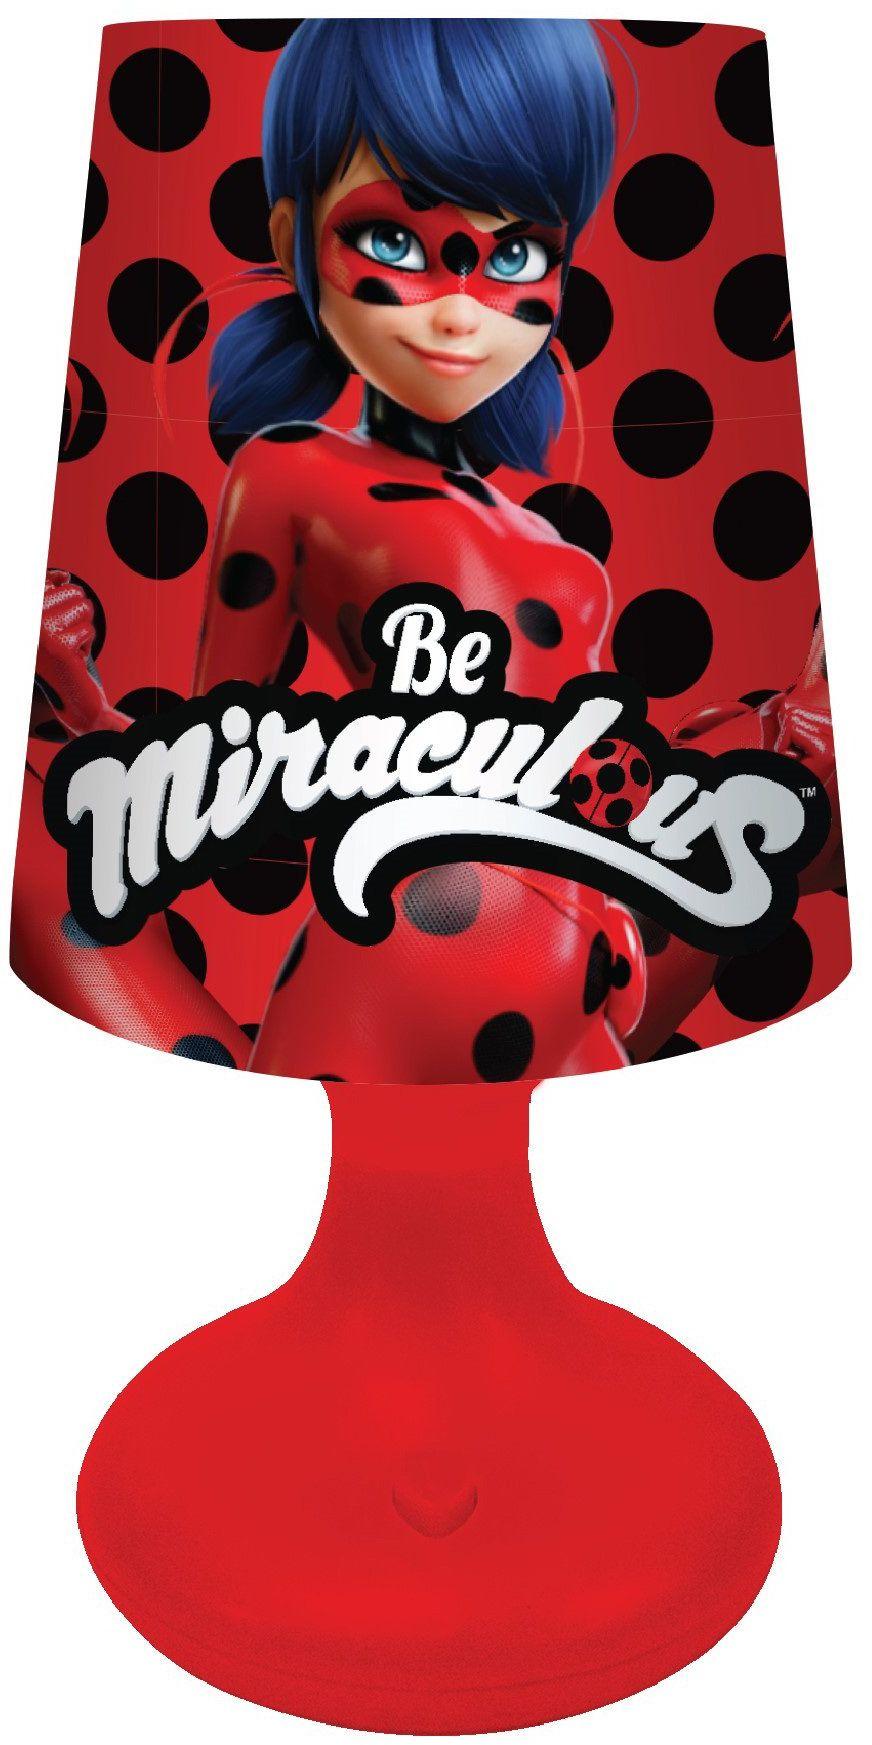 Joy Toy 65971 figurki i charactere Ladybug LED mini klosz 7 x 18 cm  zasilany bateriami  w opakowaniu na prezent